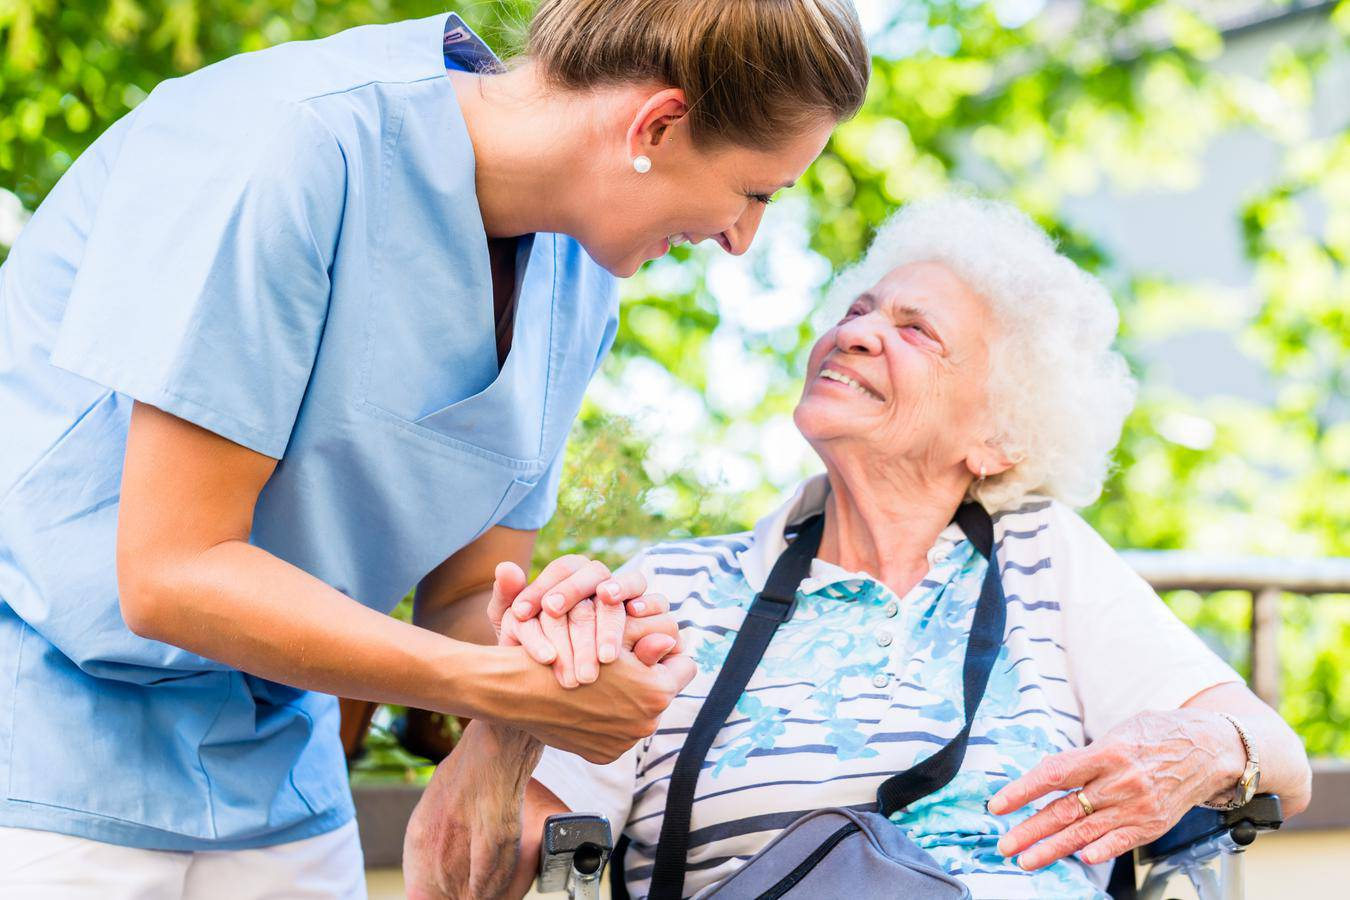 Pflegeassistent / Pflegehelfer